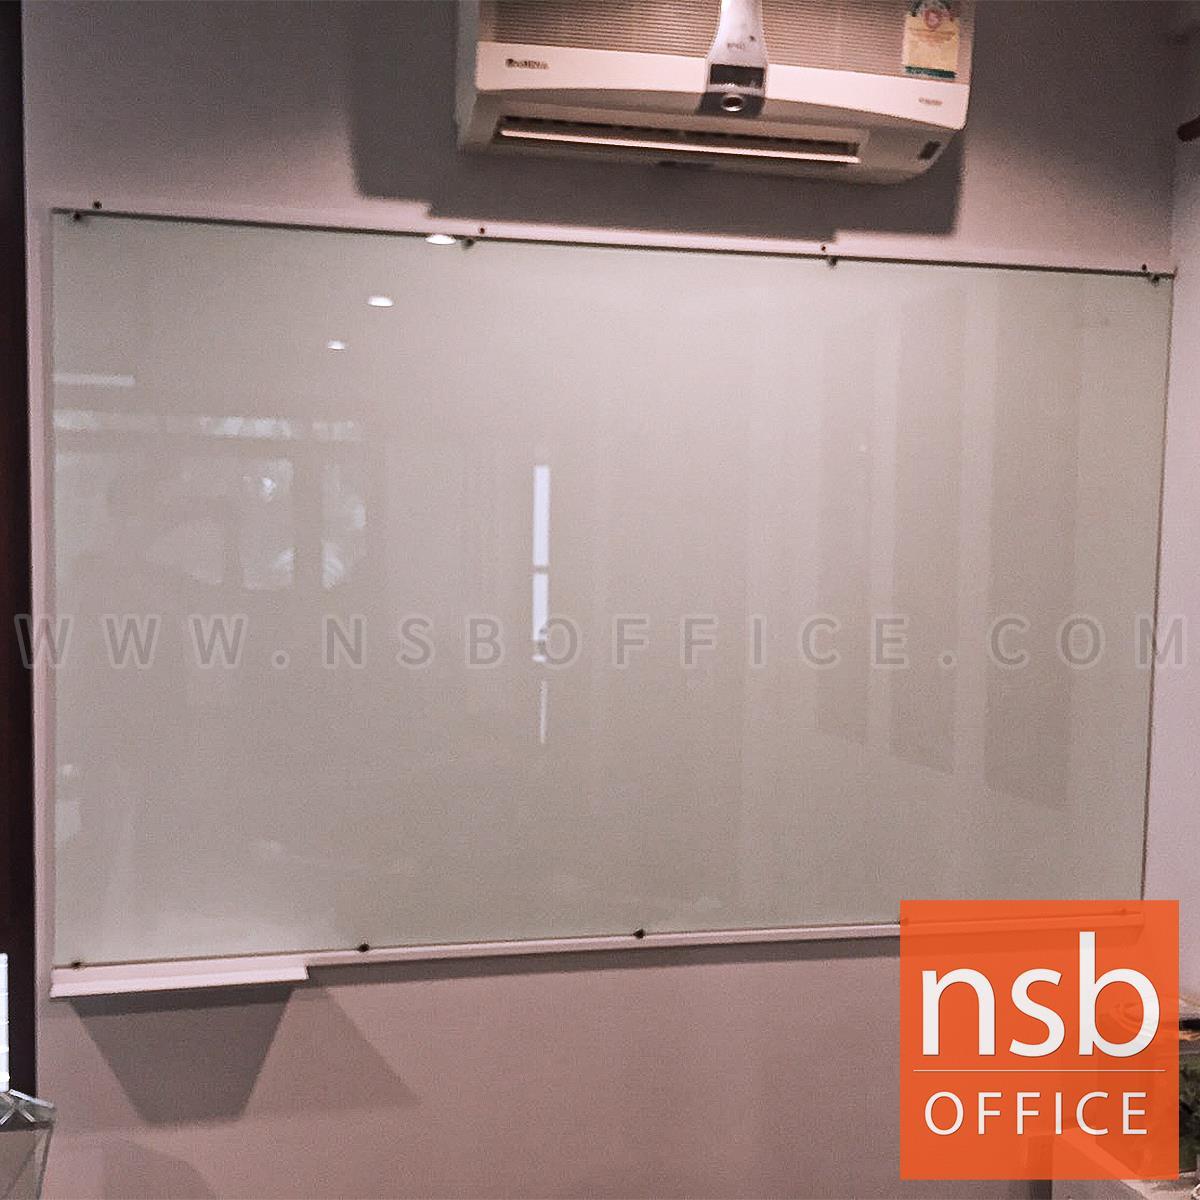 ไวท์บอร์ดกระจกนิรภัยพ่นสีขาว   150W, 180W, 200W, 220W cm (กระจกไม่ต้องเจาะรู ติดตั้งด้วยคิ้วเหล็กทำสี)